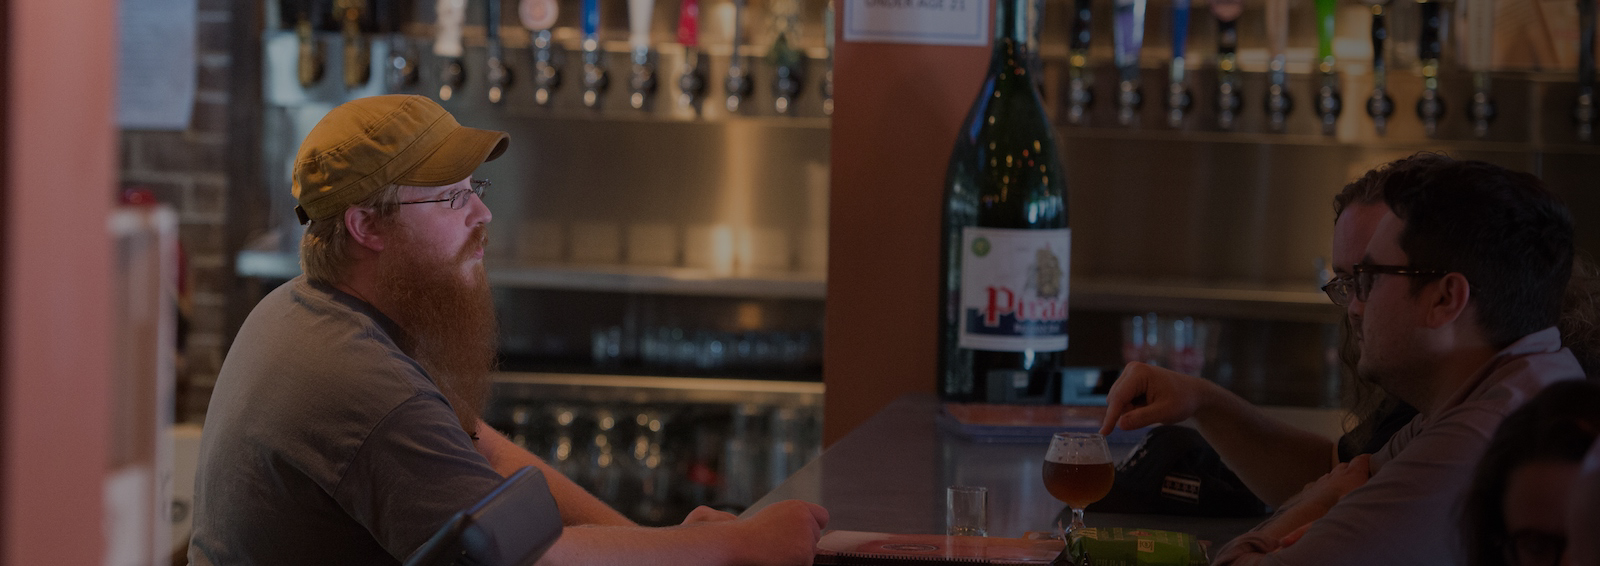 Beer Head Bars Culture